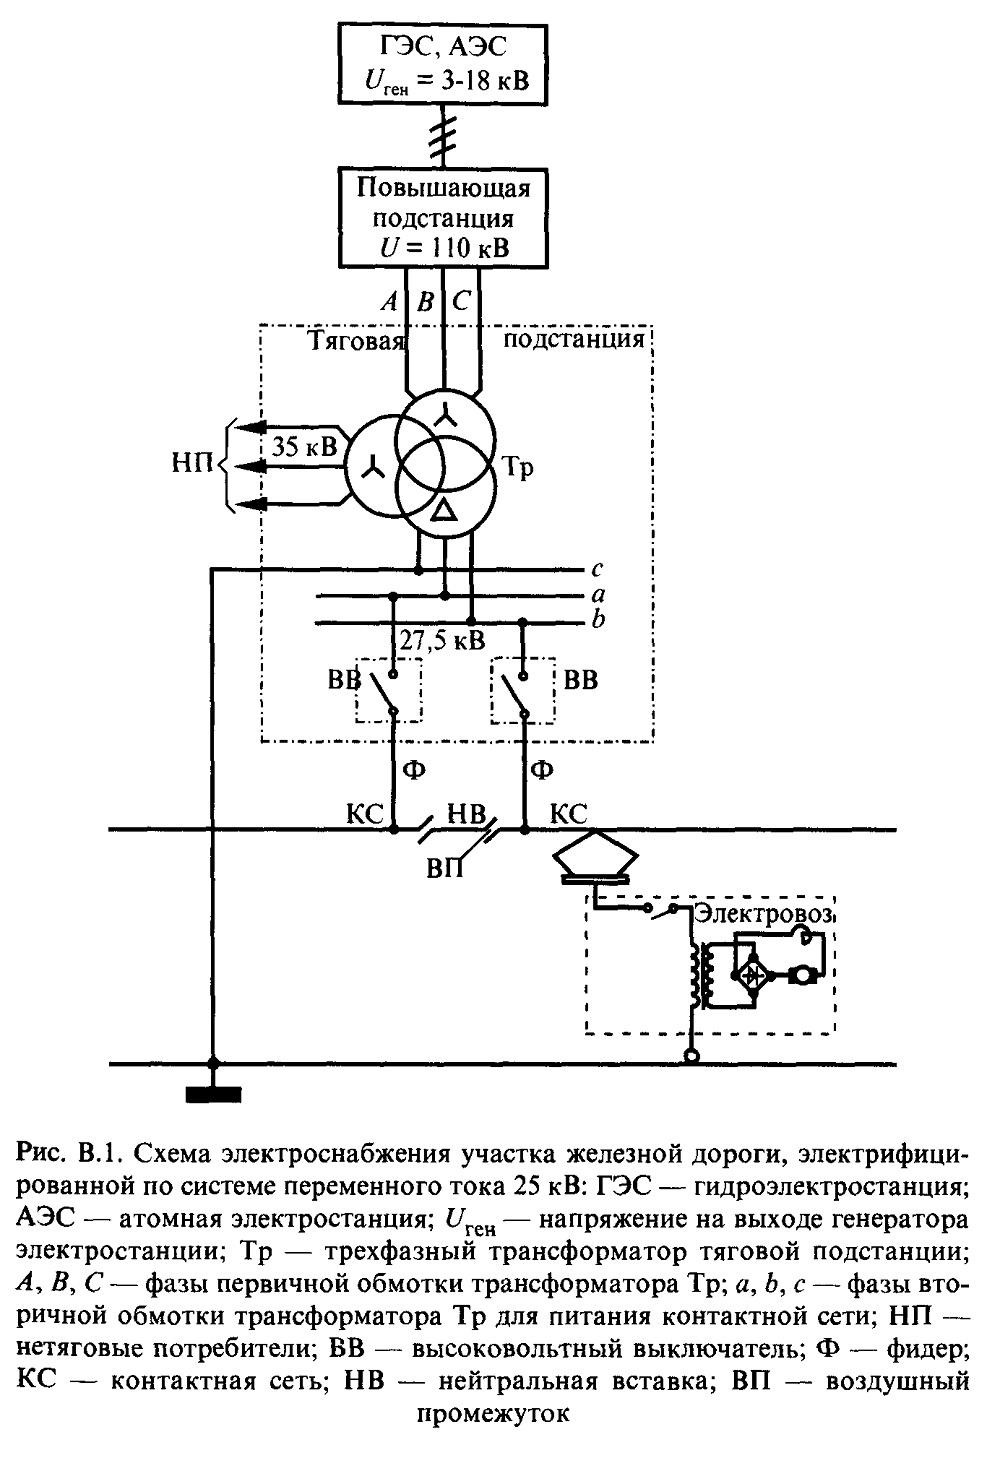 Схема электроснабжения железных дорог фото 189